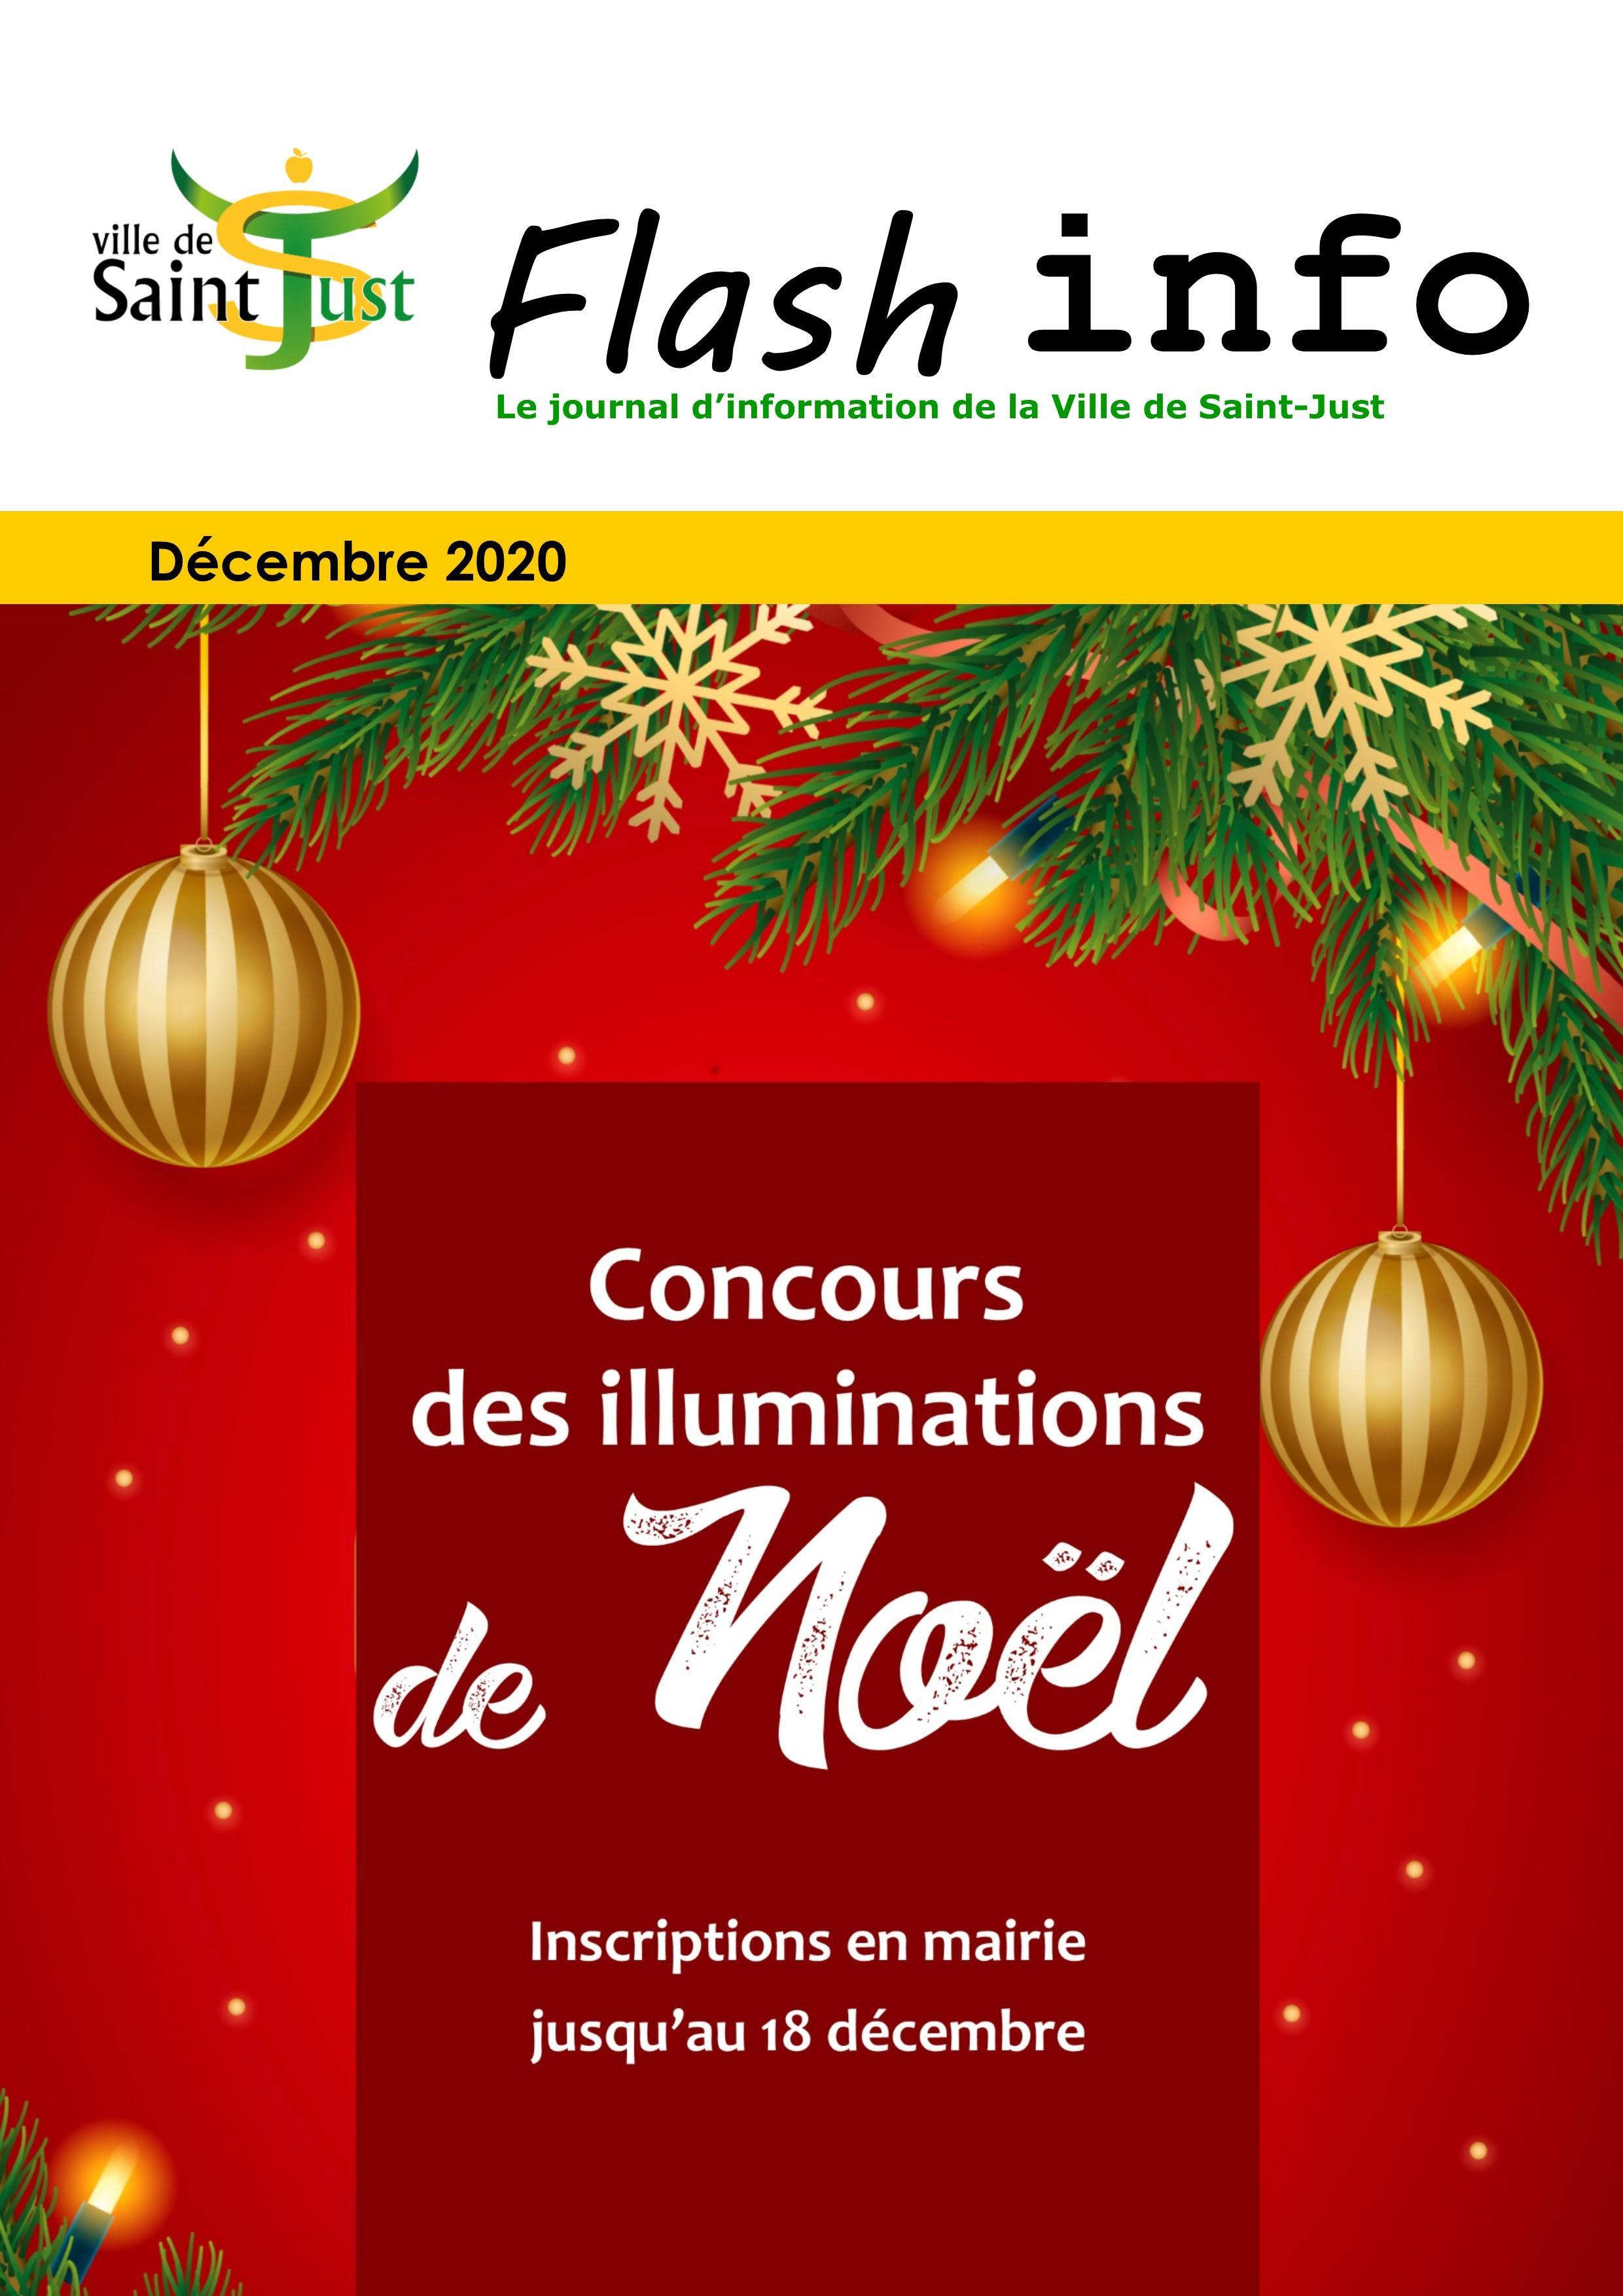 Image de couverture - Flash info décembre